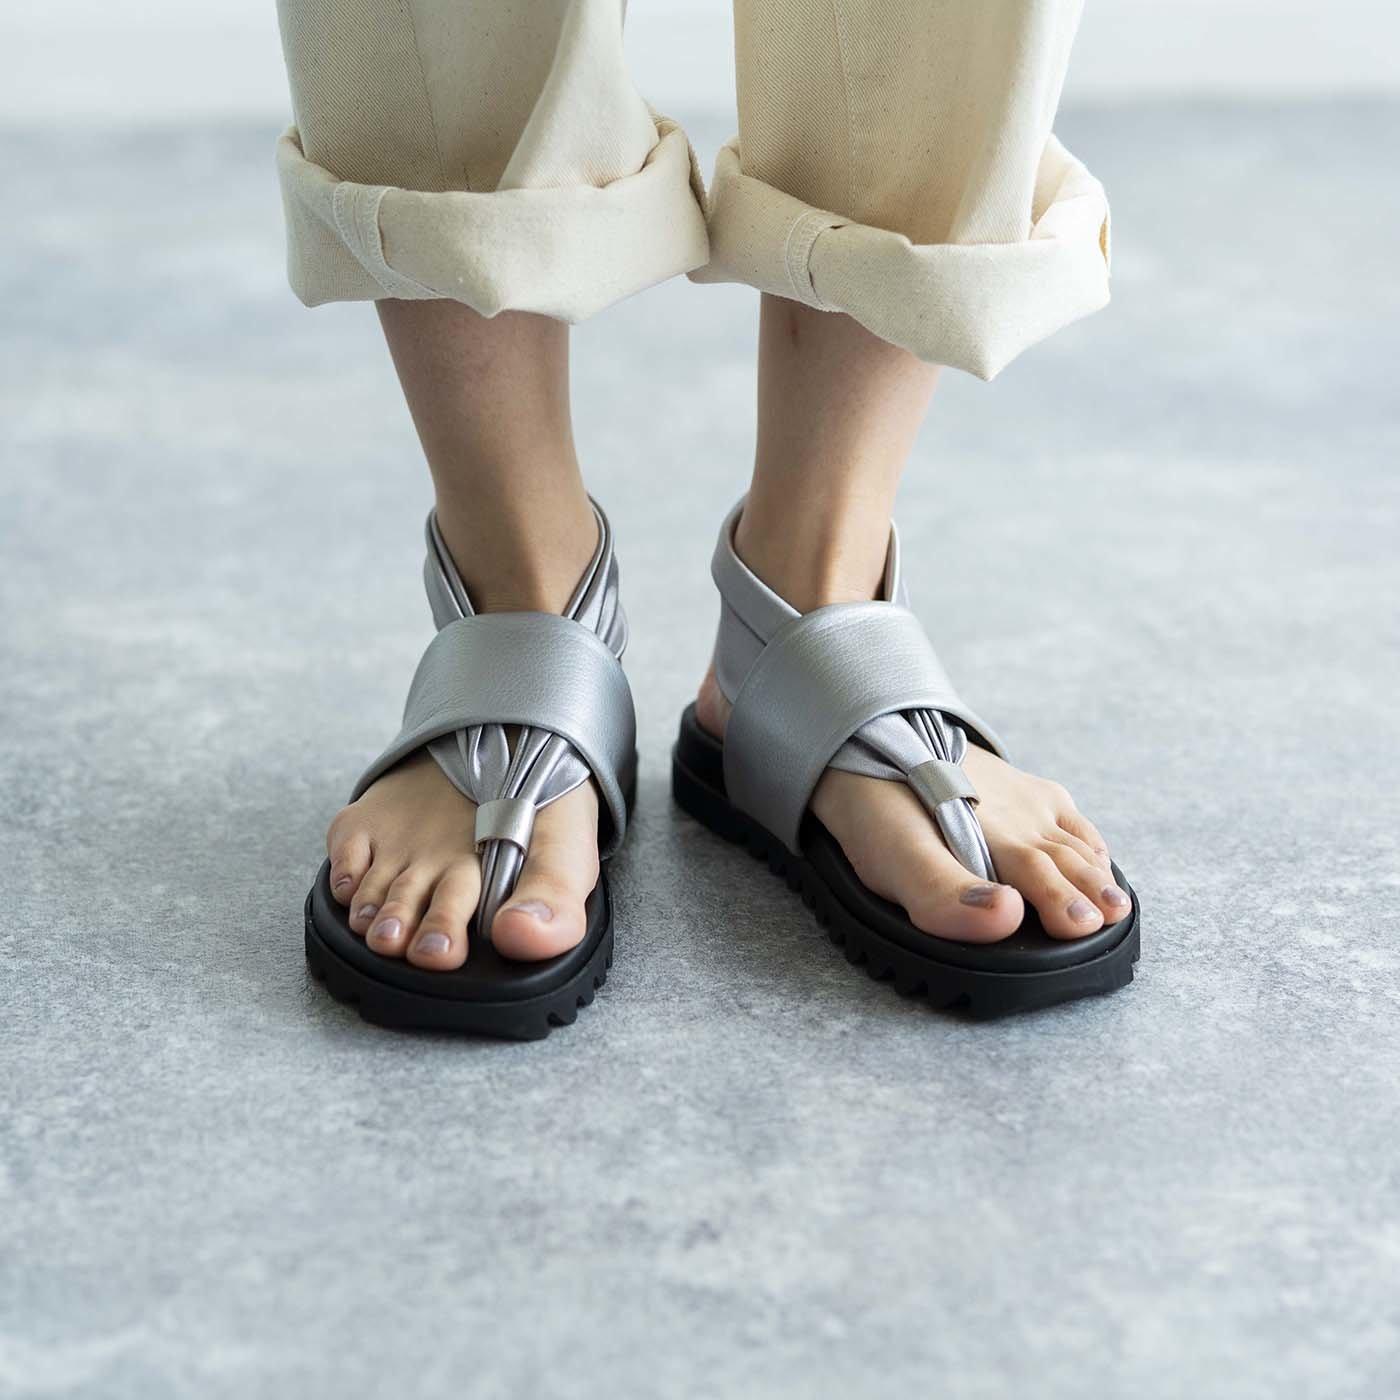 靴デザイナーの理想で仕上げた 職人本革のトングシューズ〈シルバー〉[サンダル:日本製]